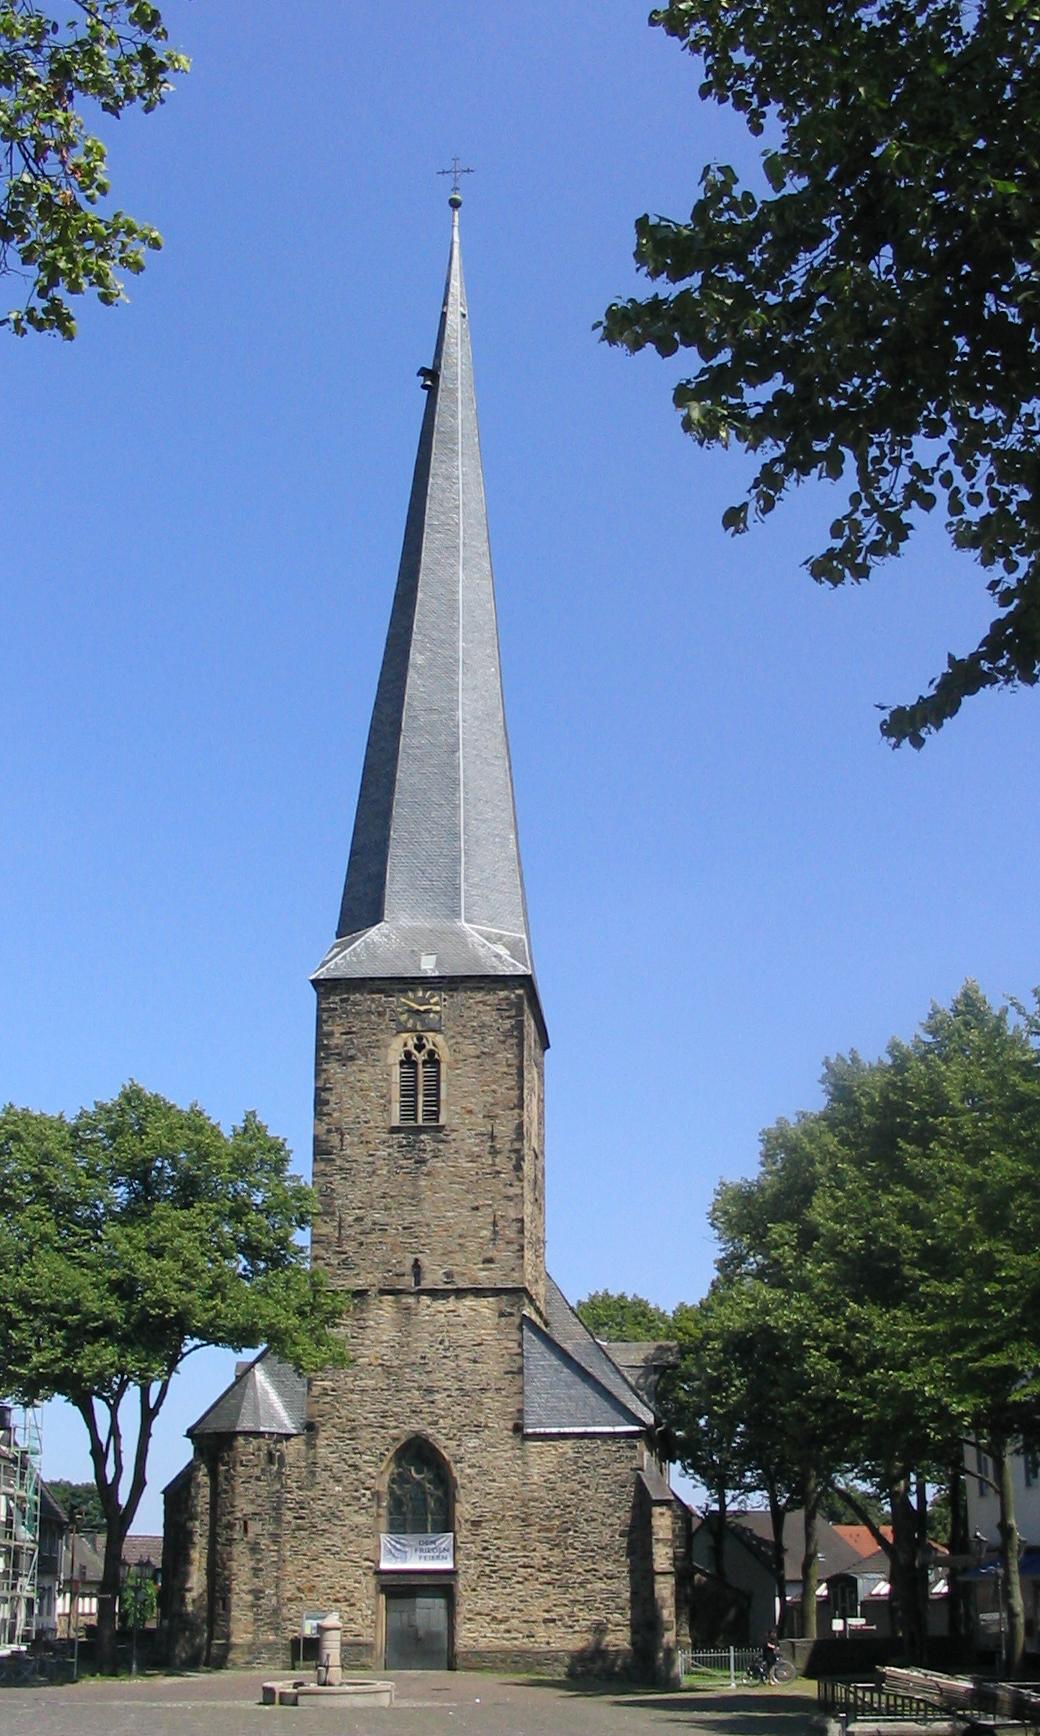 церковь святого виктора шверте википедия